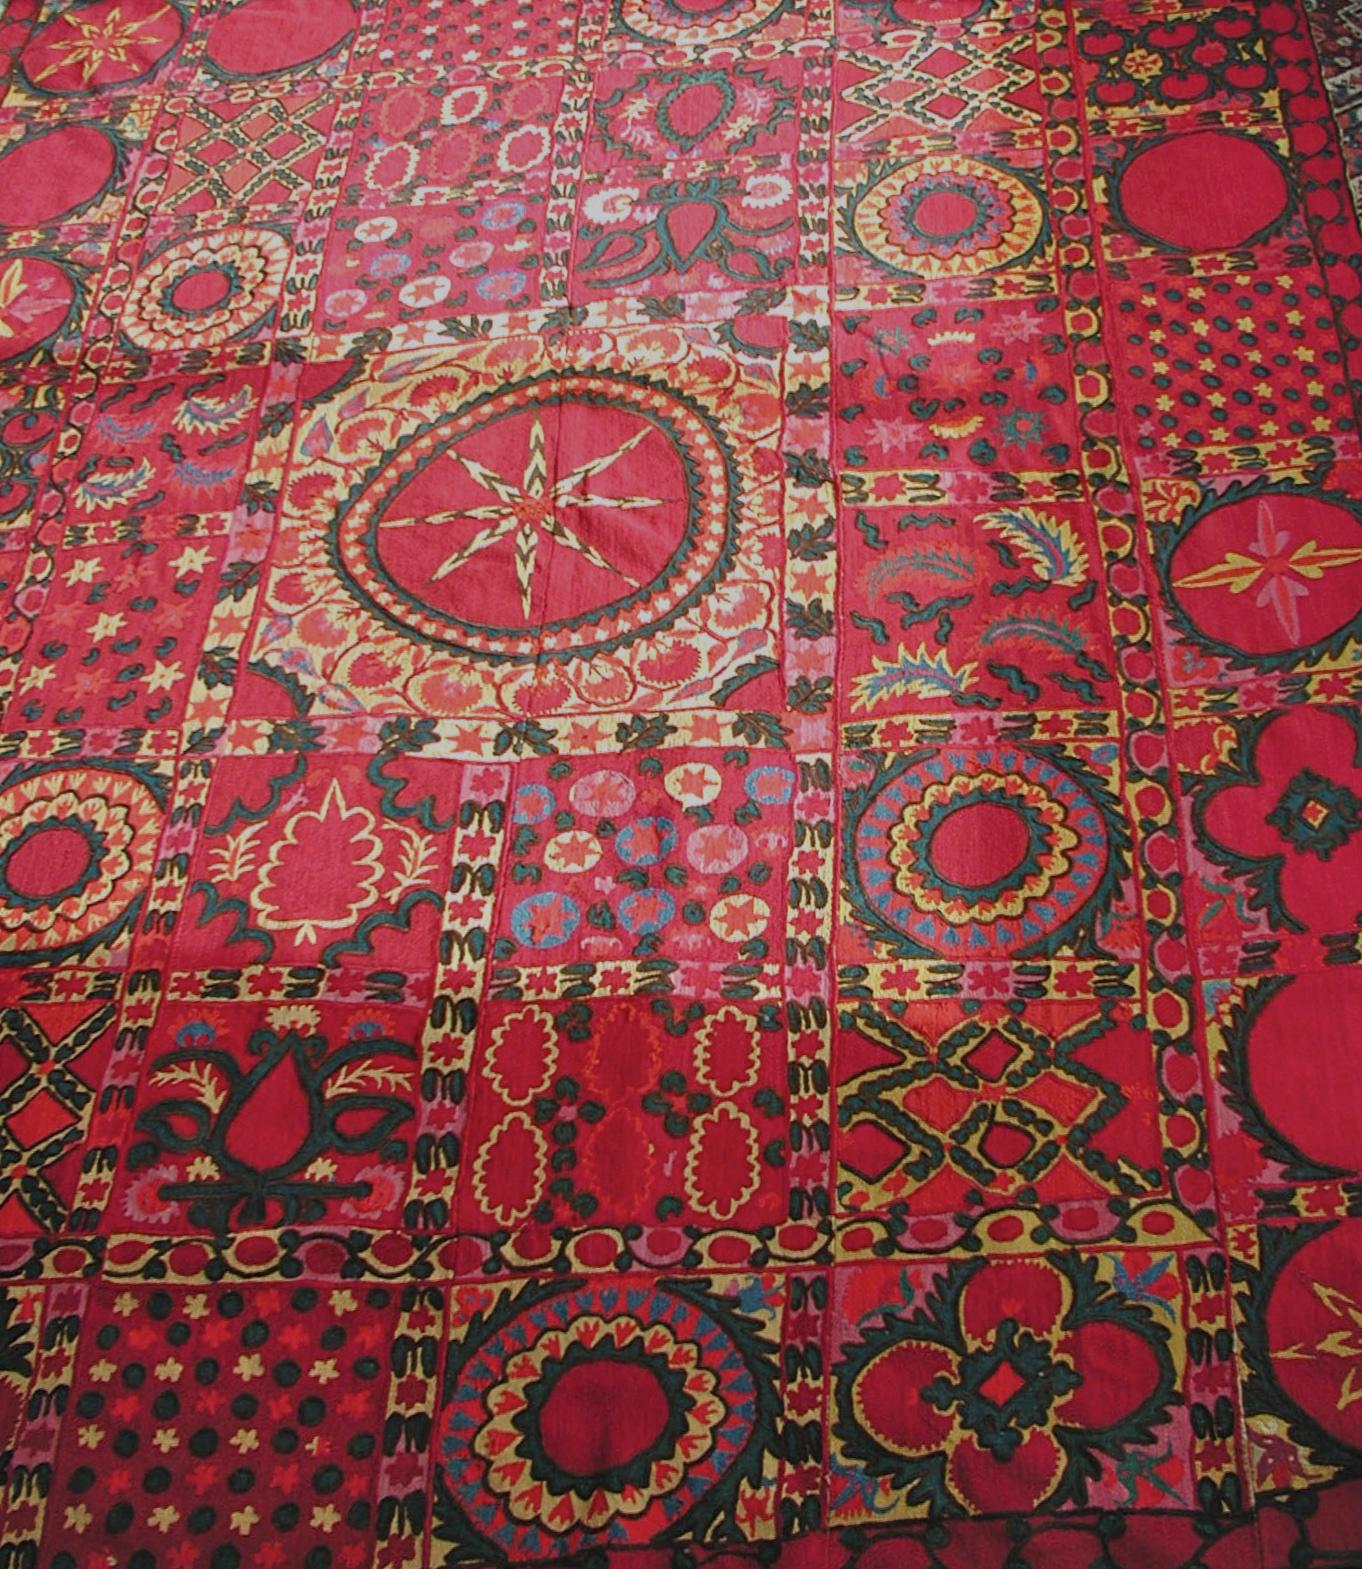 Antique Suzani Embroidery Uzbekistan Tashent Style